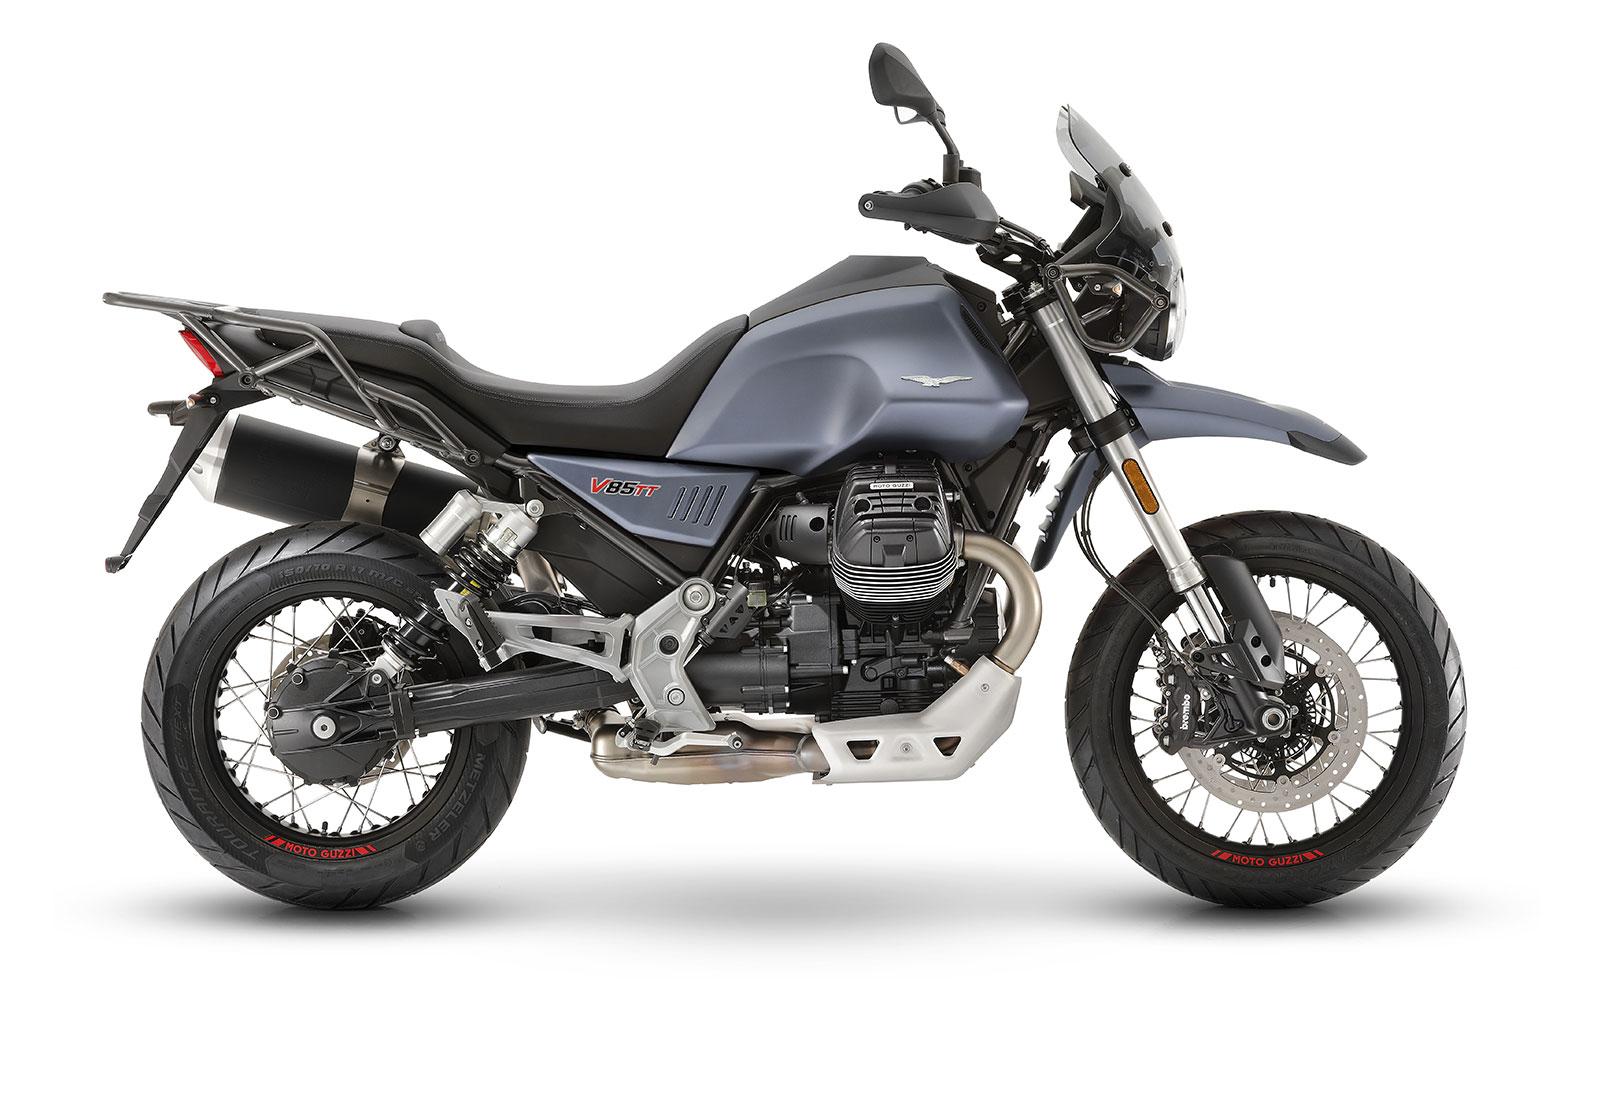 MOTOGUZZI V85 TT 2019 淺藍色 - 「Webike摩托車市」